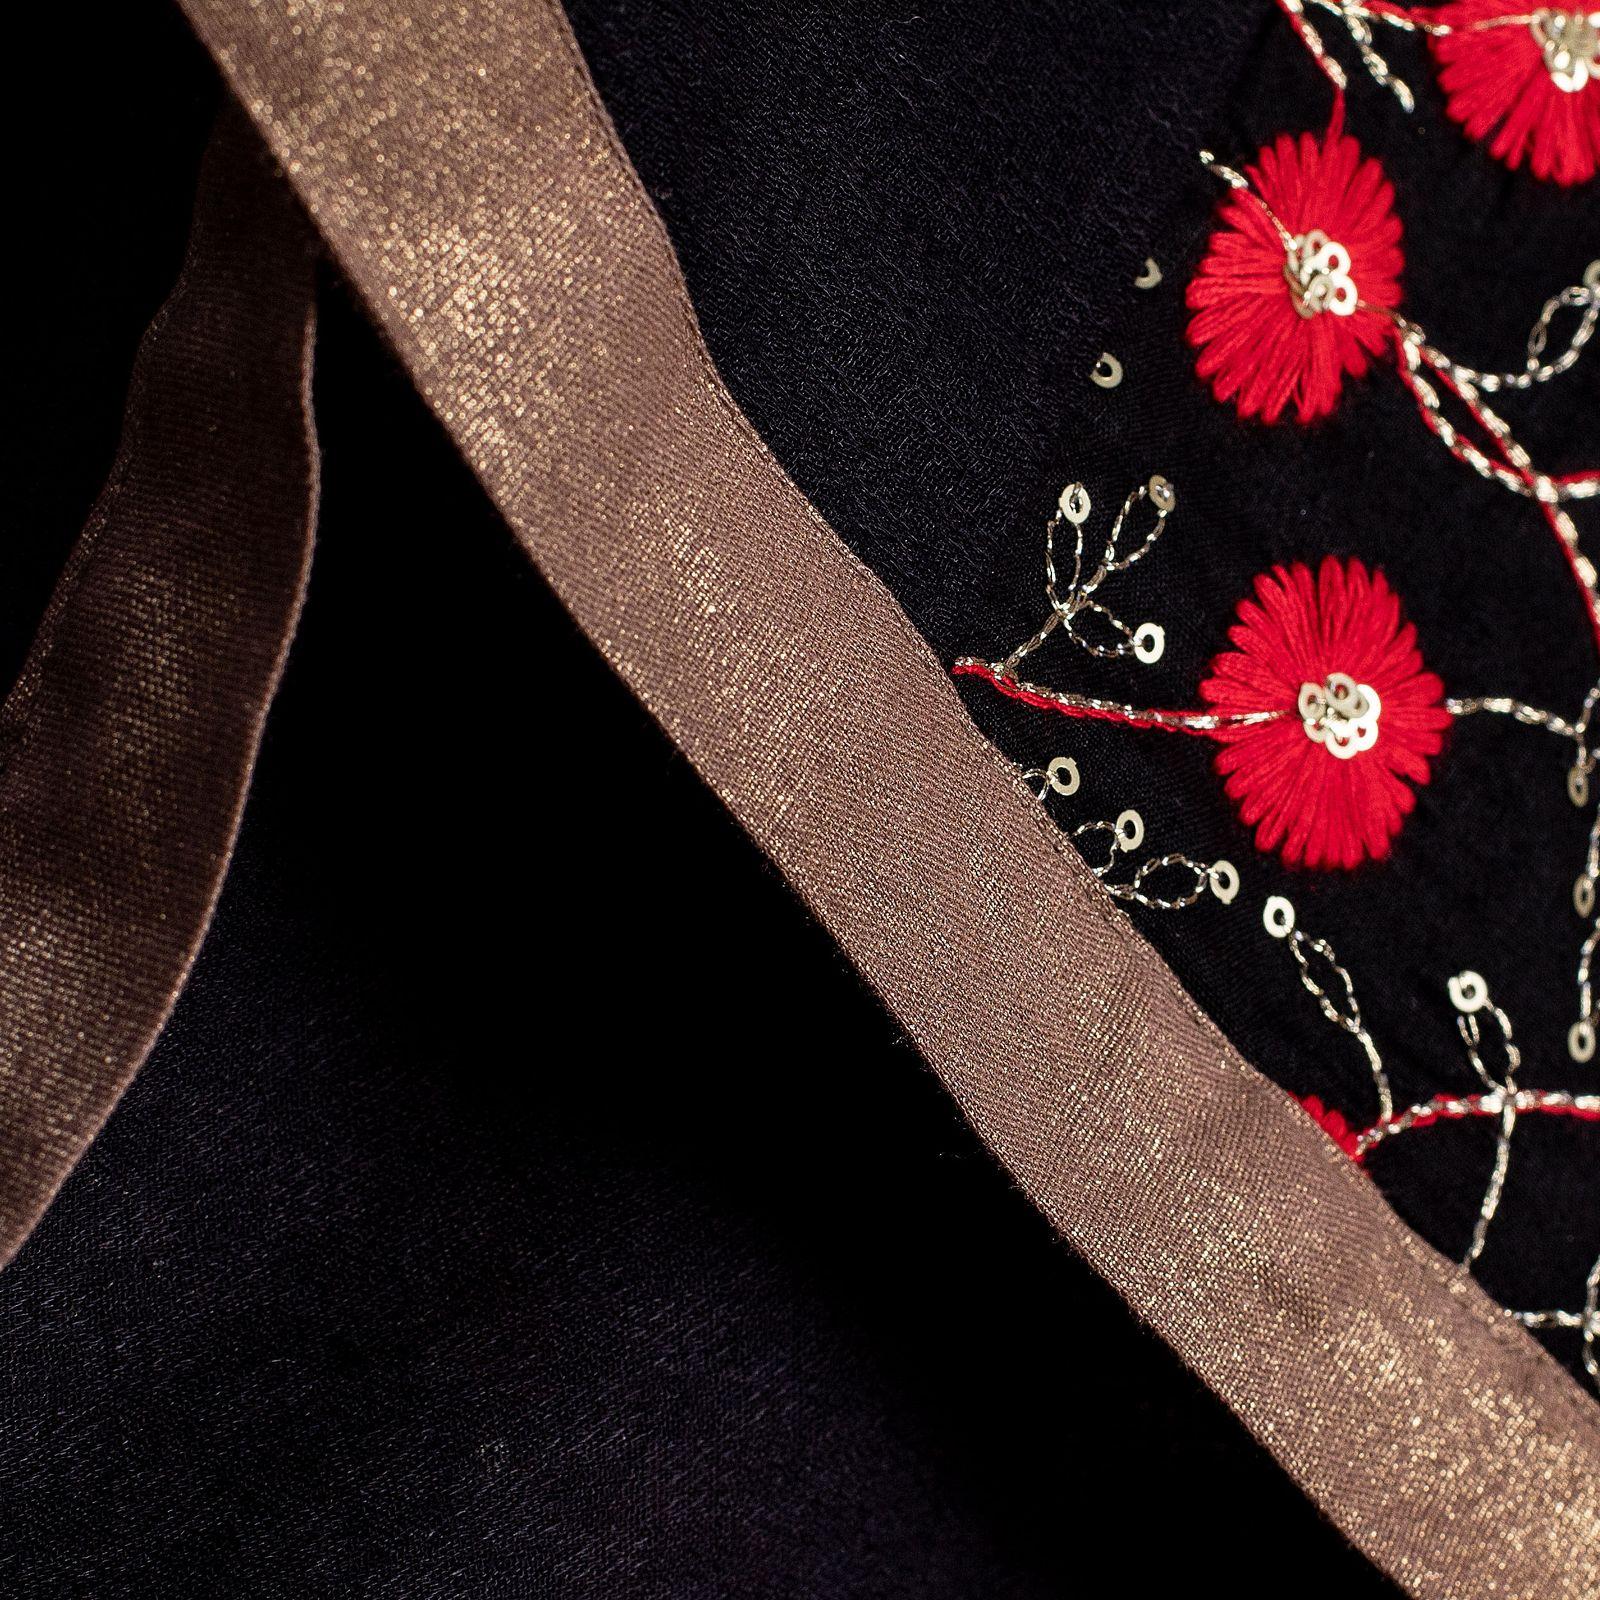 روسری زنانه کلوتو مدل فلورال -  - 4